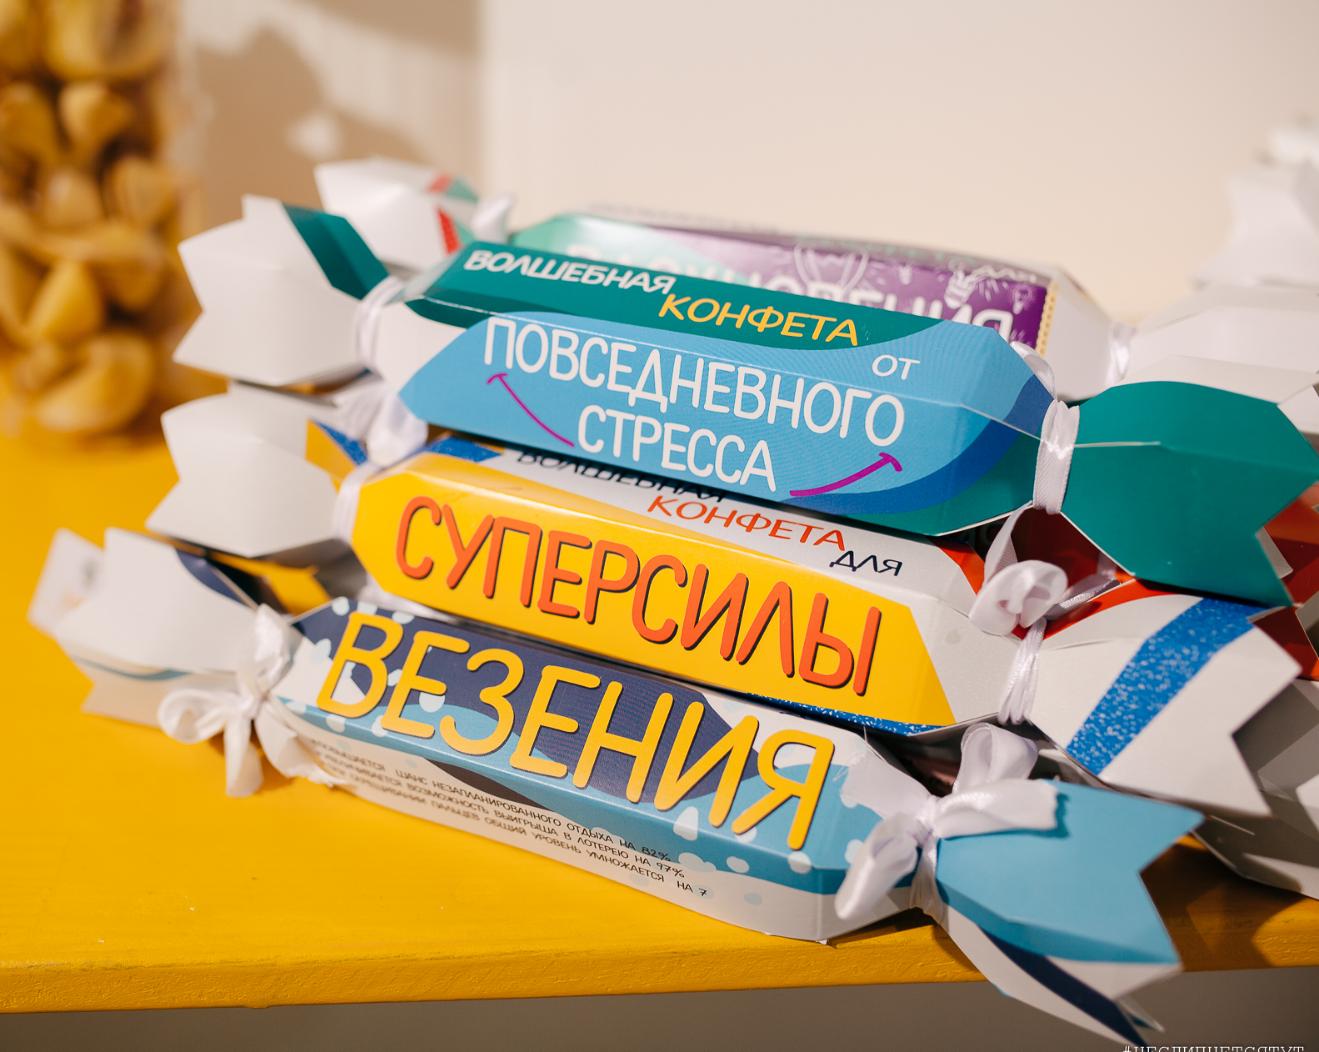 Волшебные конфетыПодарочный набор чая и мармелада в оригинальной упаковке.